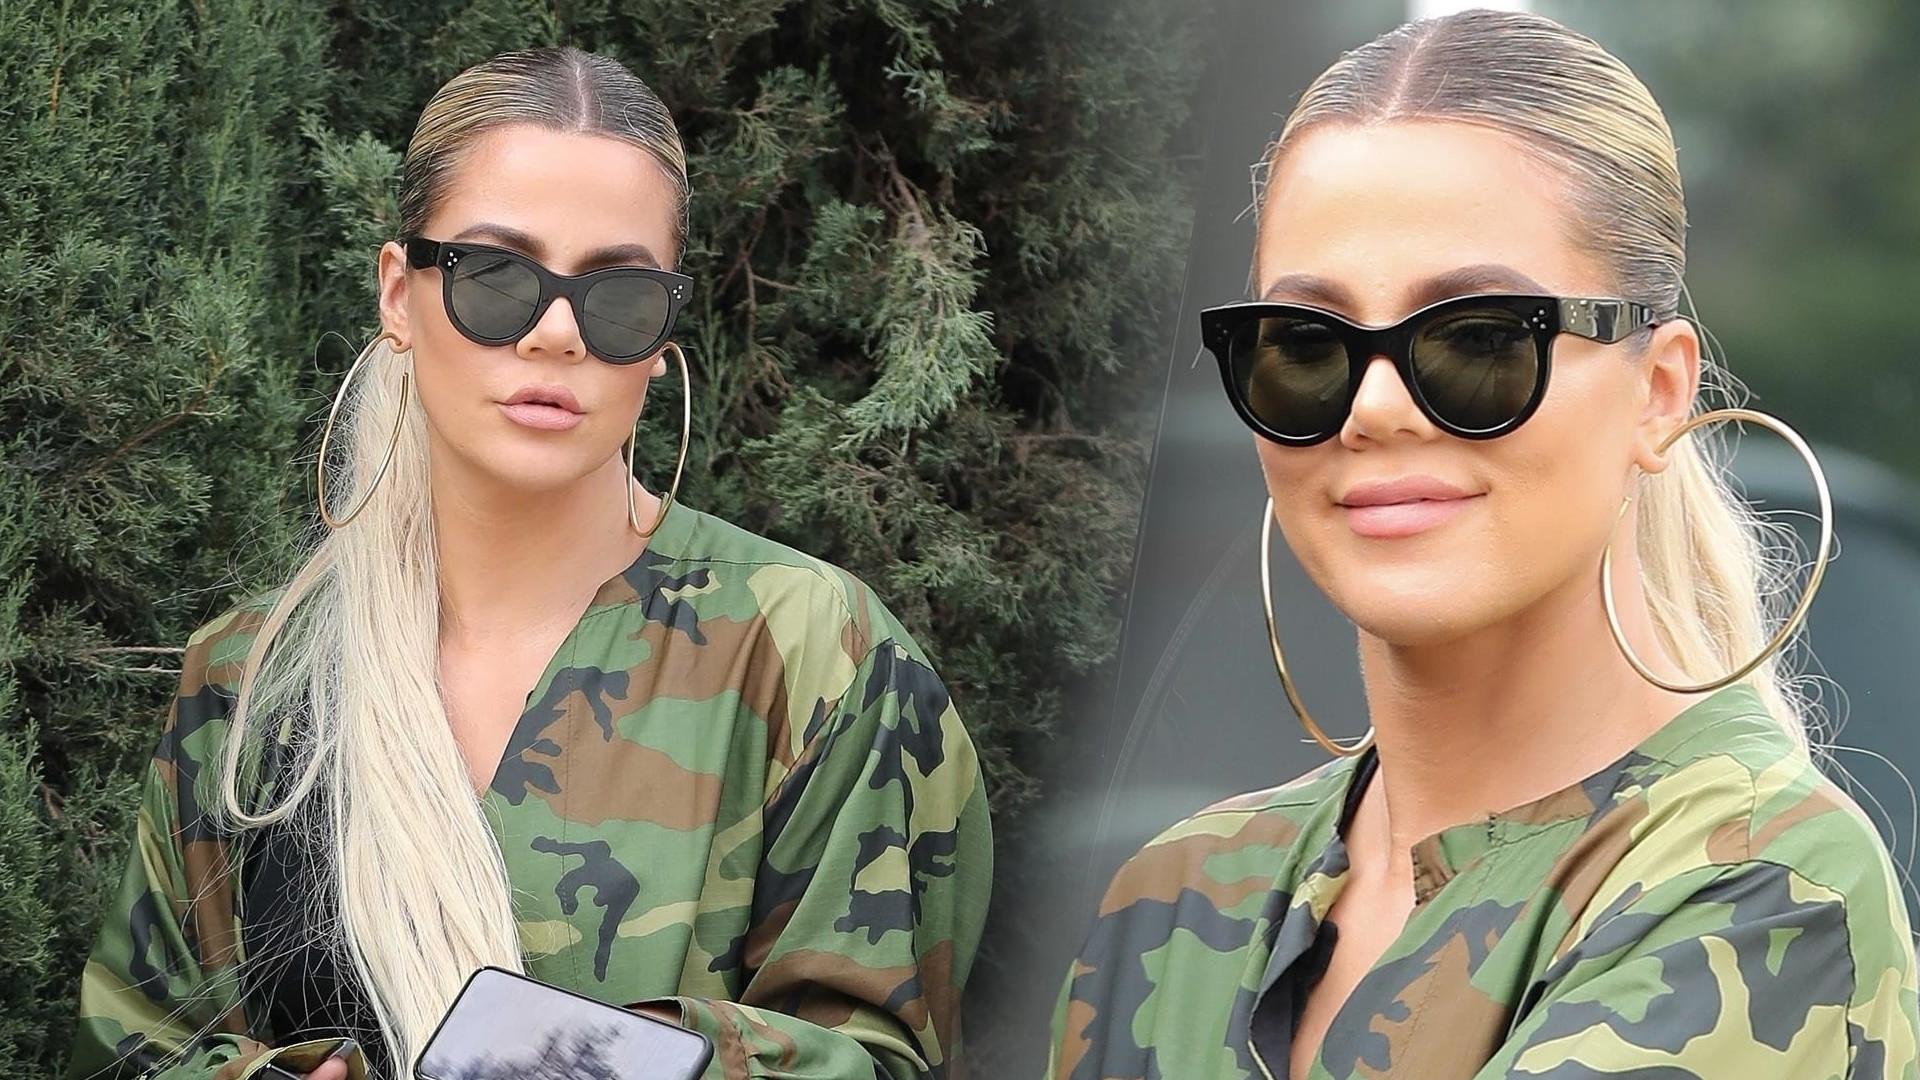 Khloe Kardashian odwiedza ciężarną przyjaciółkę – zobaczcie, co jej przyniosła (ZDJĘCIA)